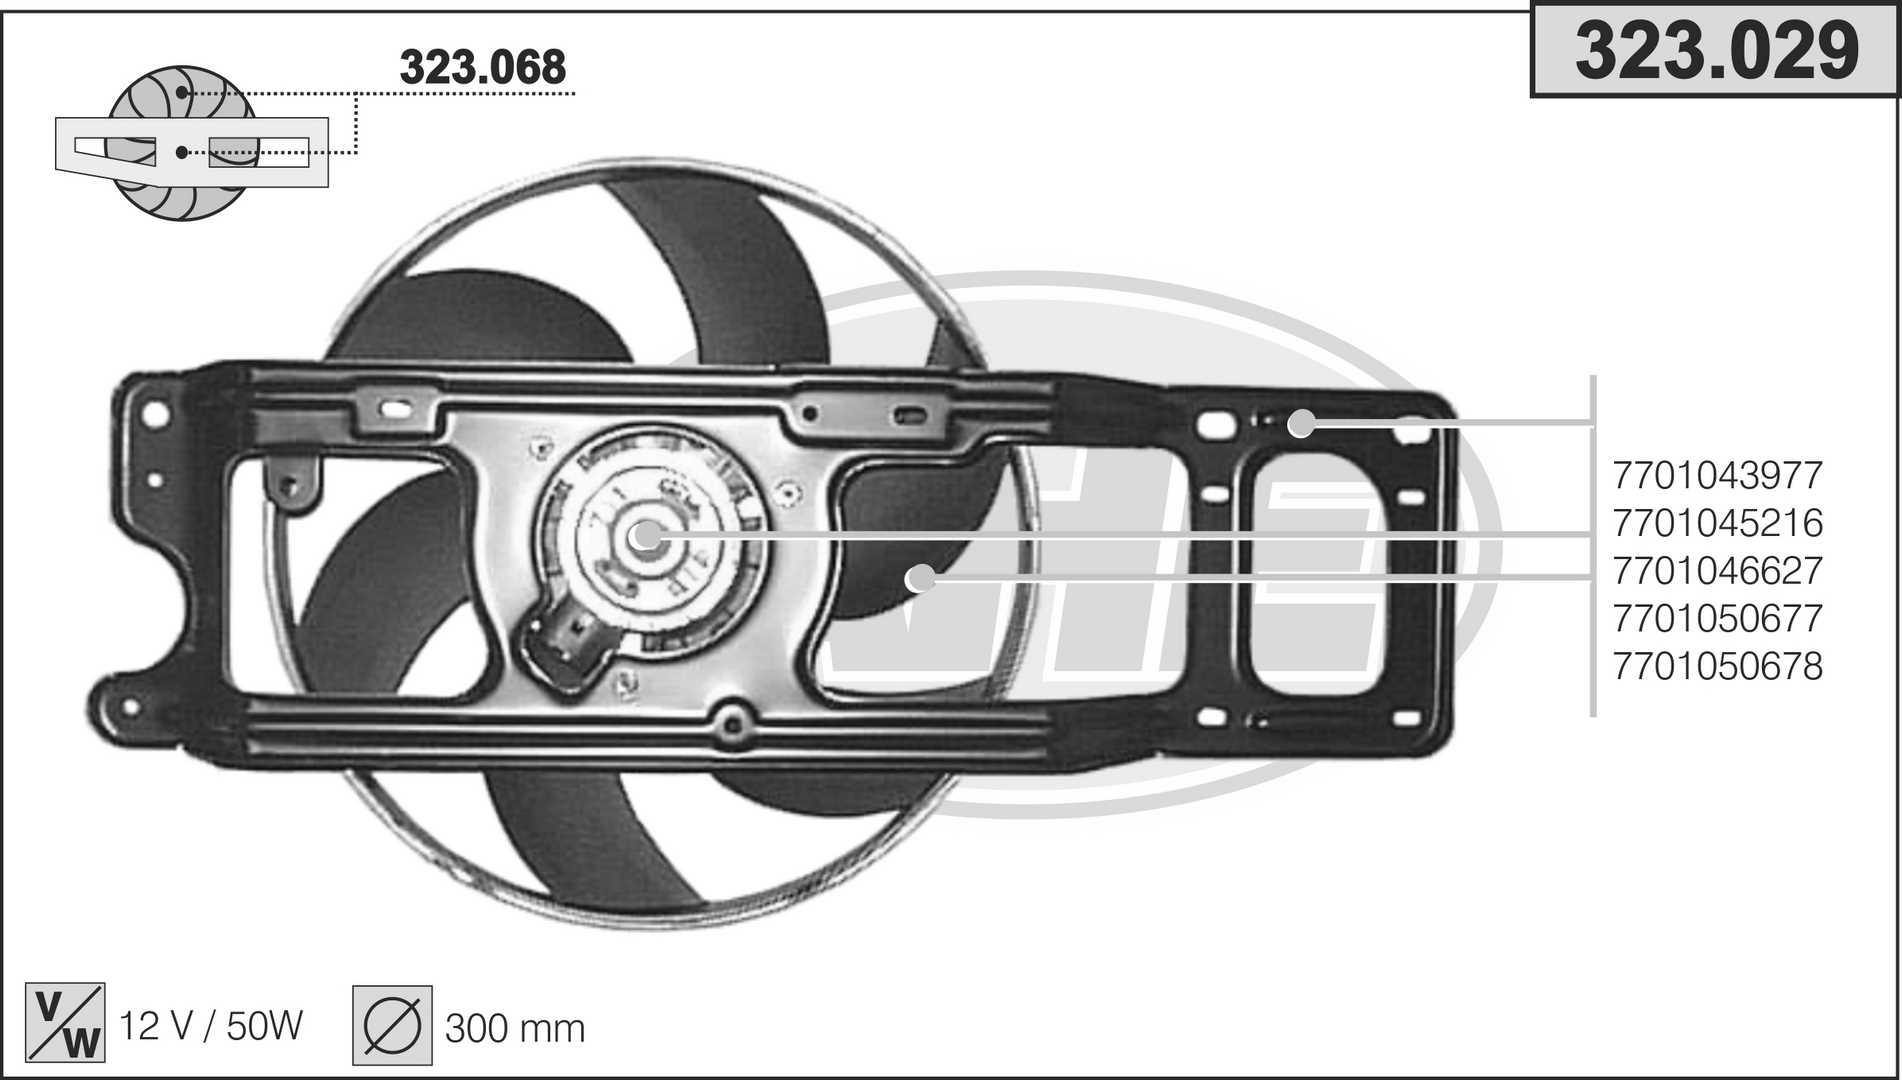 Ventilateur de radiateur AHE 323.029 (X1)